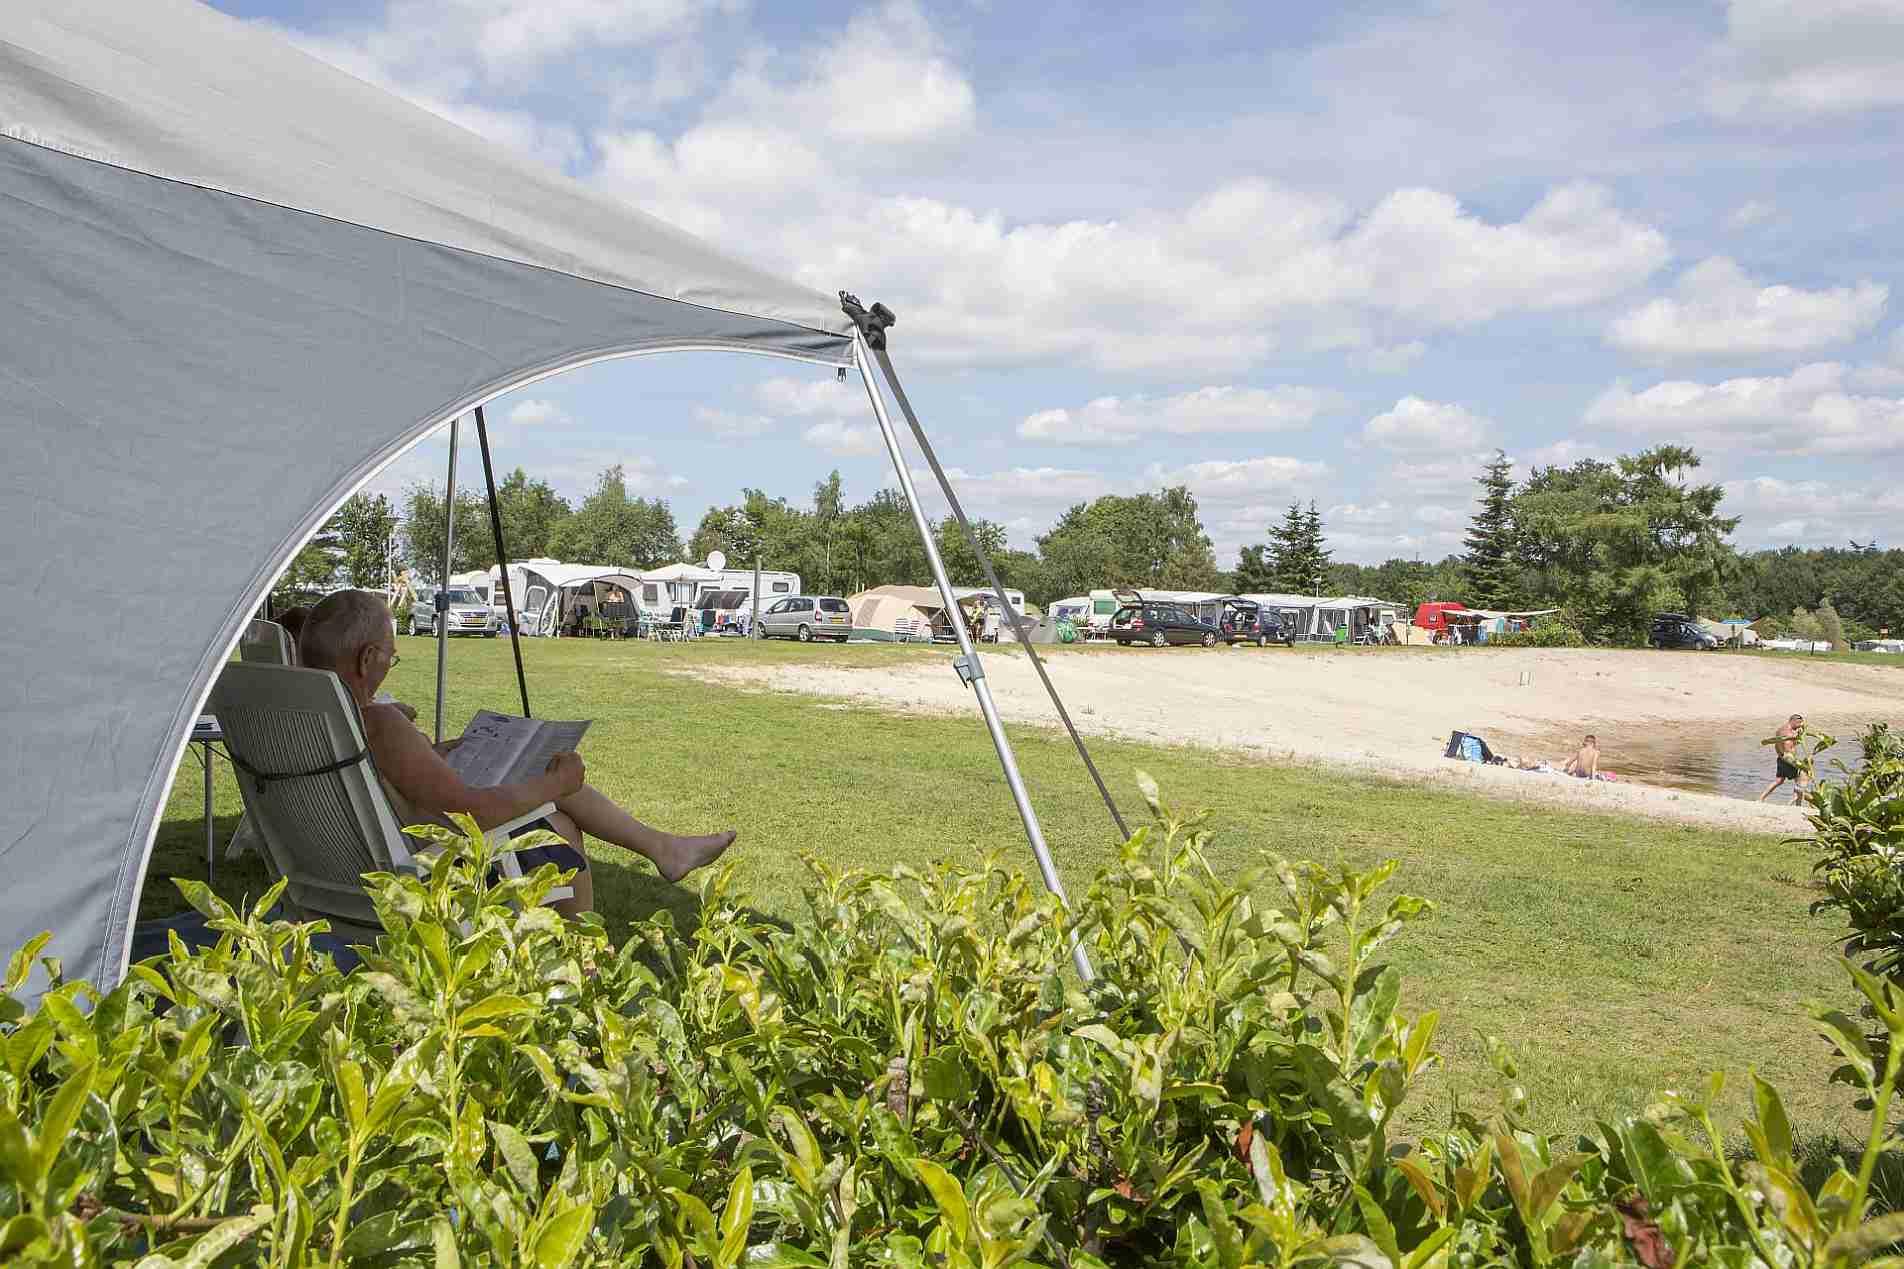 Hemelvaart en Pinksteren kamperen op een 5 sterren camping - Pinksteren kamperen